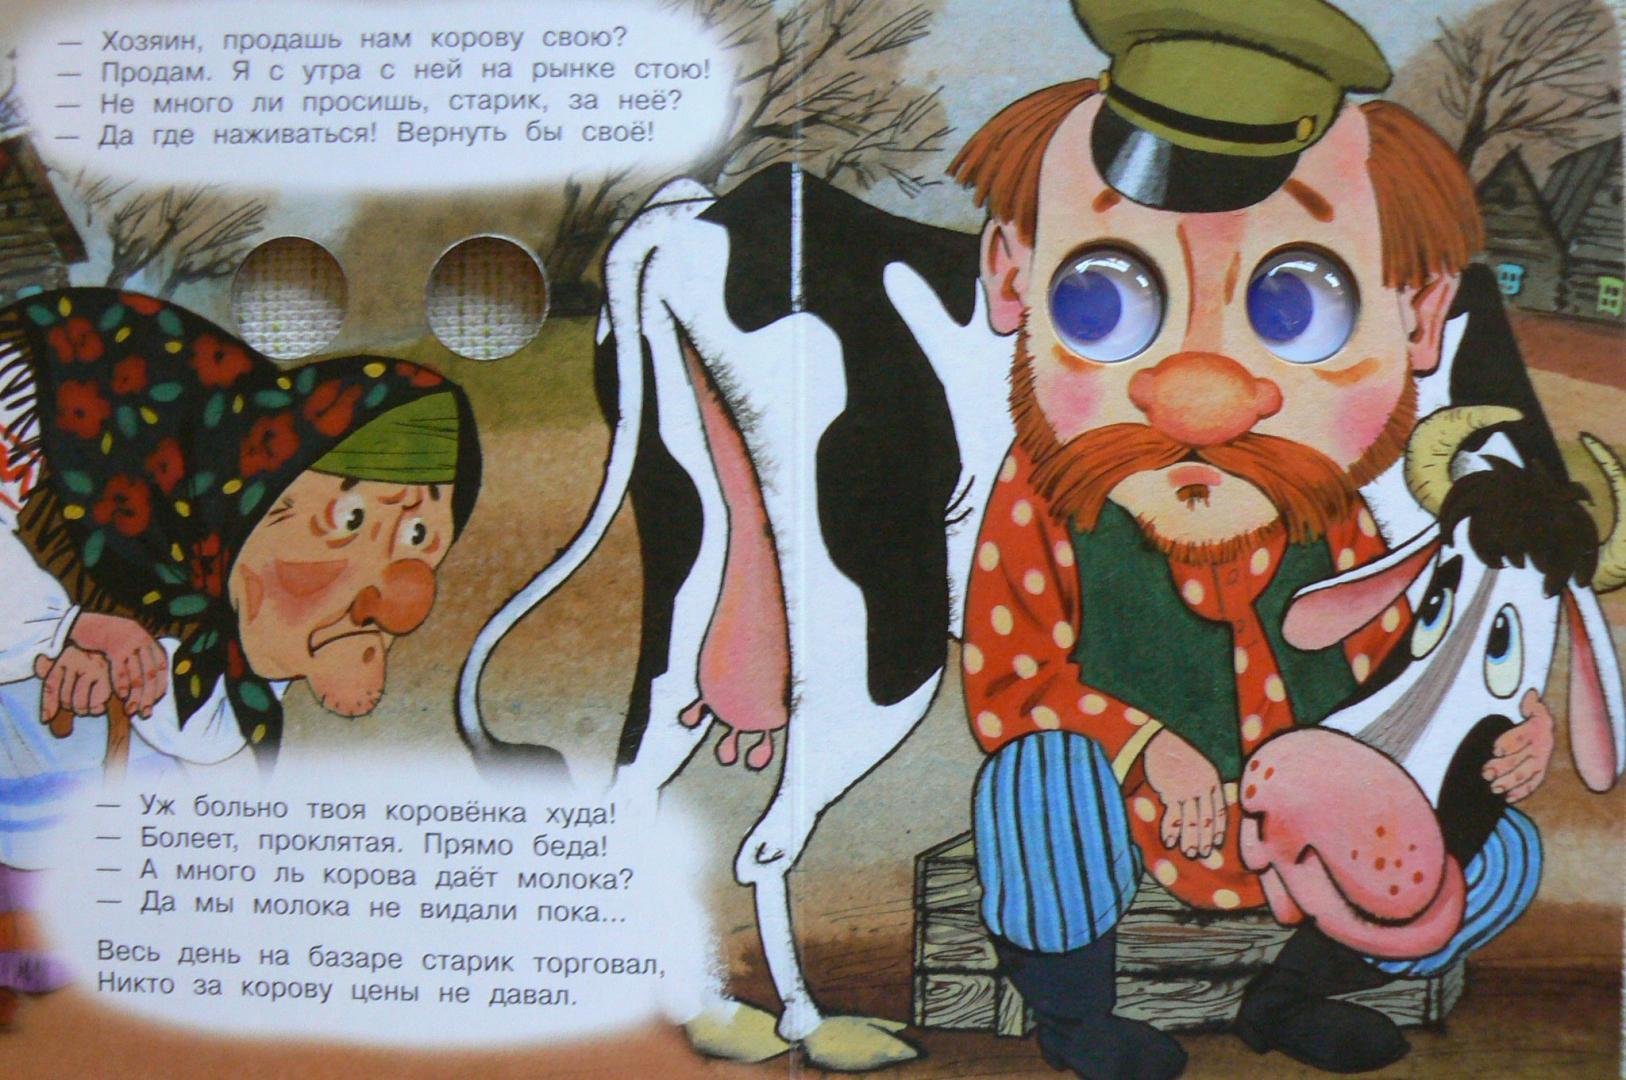 раскраска как старик корову продавал